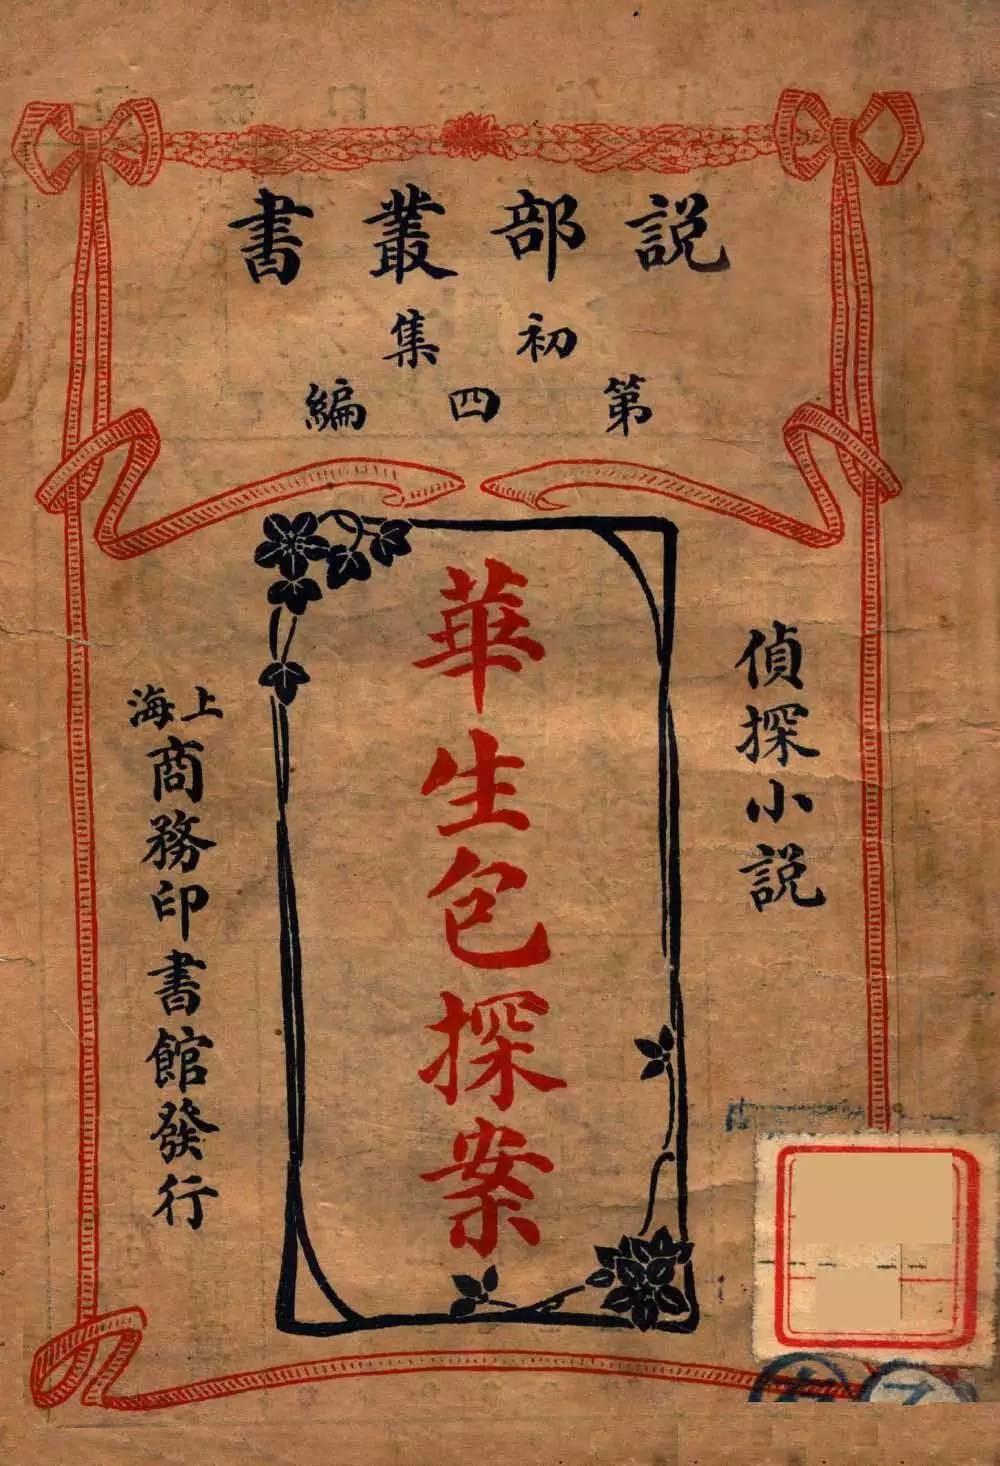 推理小说在中国的起点——《英包探勘盗密约案》导读-书啦圈